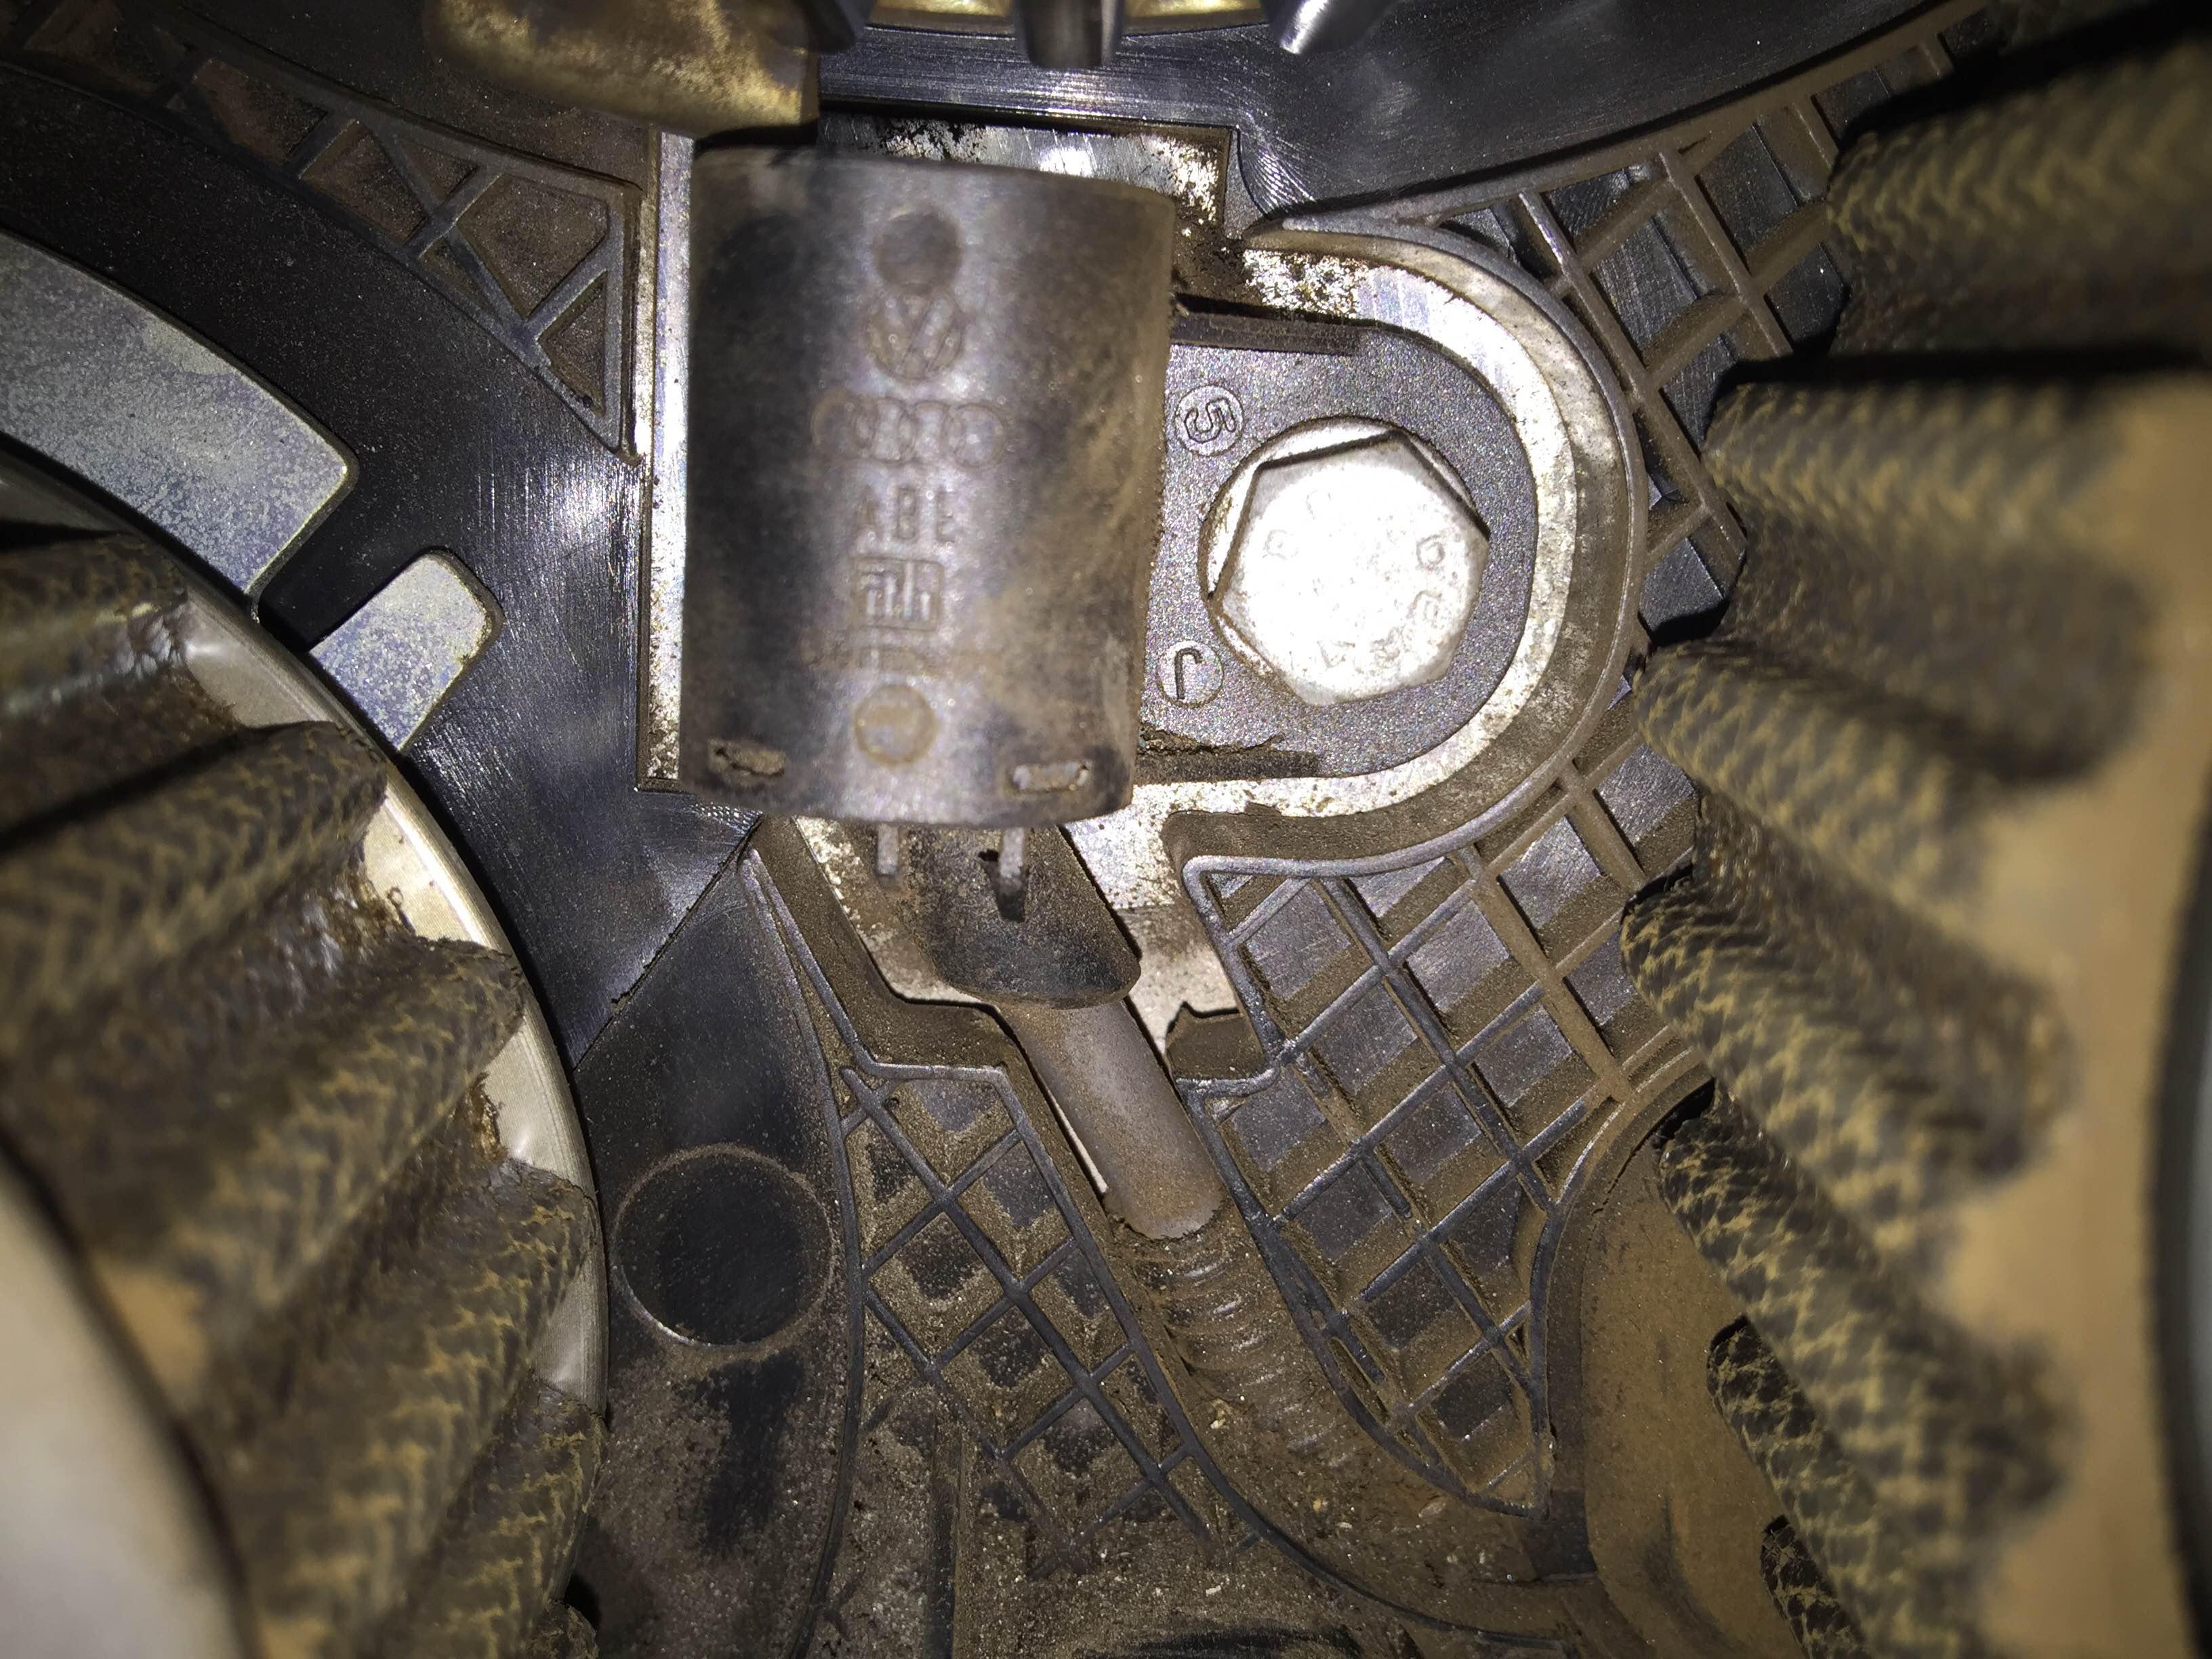 Camshaft Position Sensor G40 Hall Sensor Replacement A6 2 0 Bre Rough Running Audi Sport Net